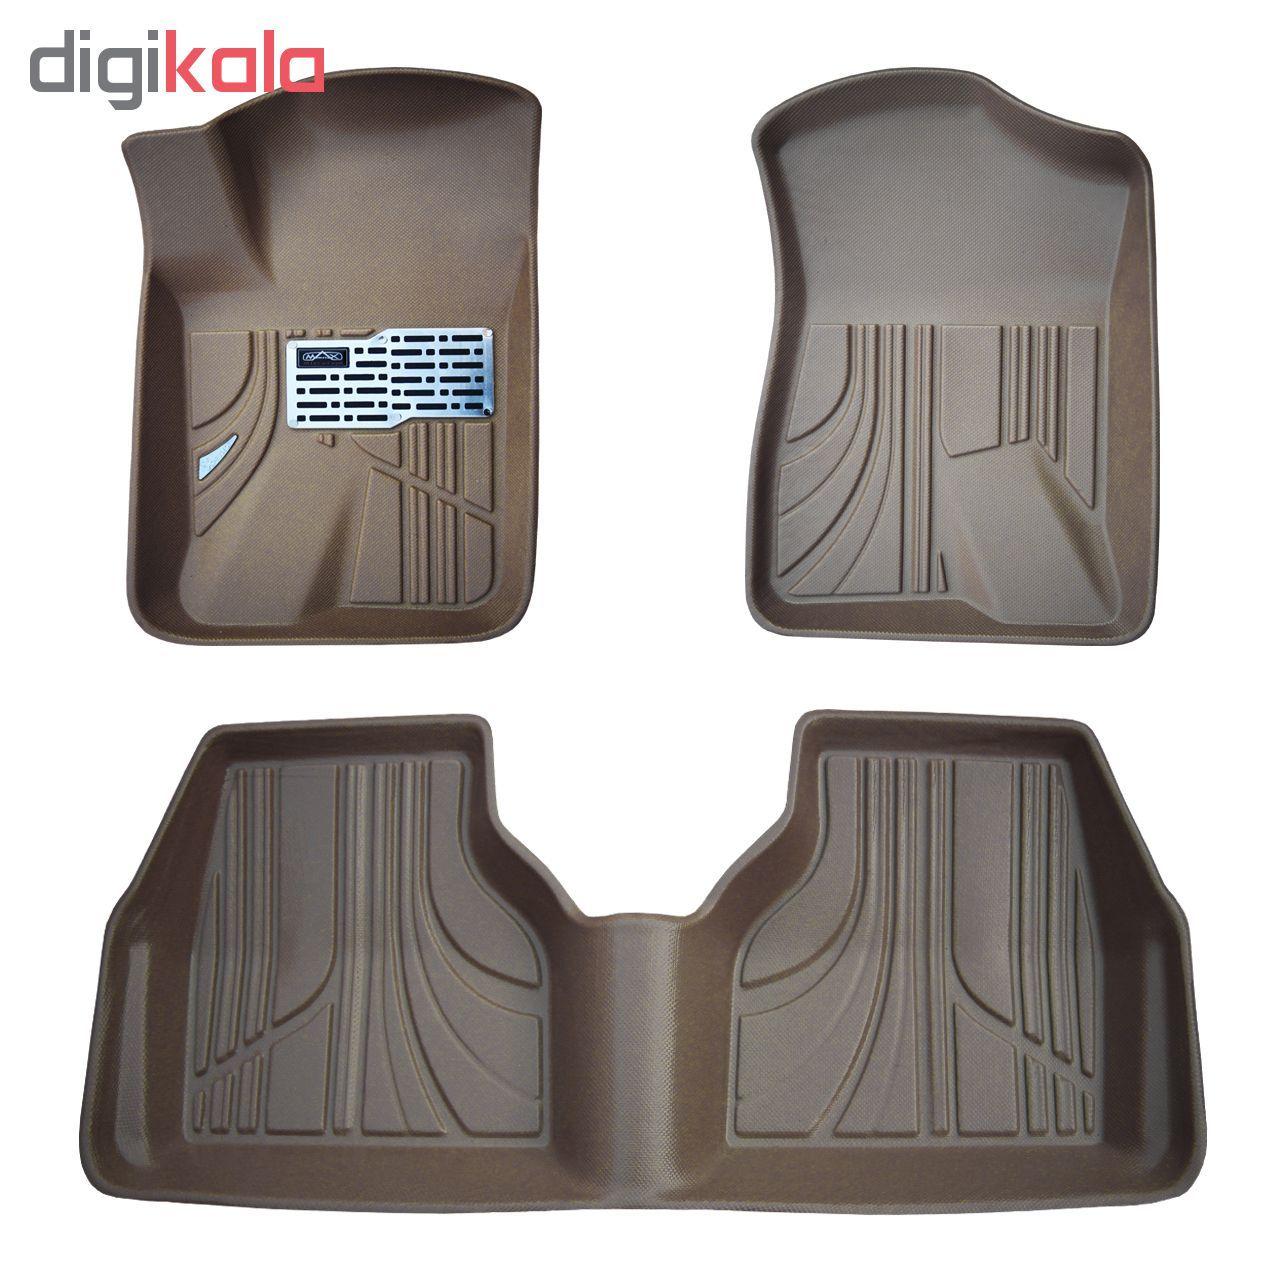 کفپوش سه بعدی خودرو مکس مدل K007 مناسب برای پژو 405 main 1 2